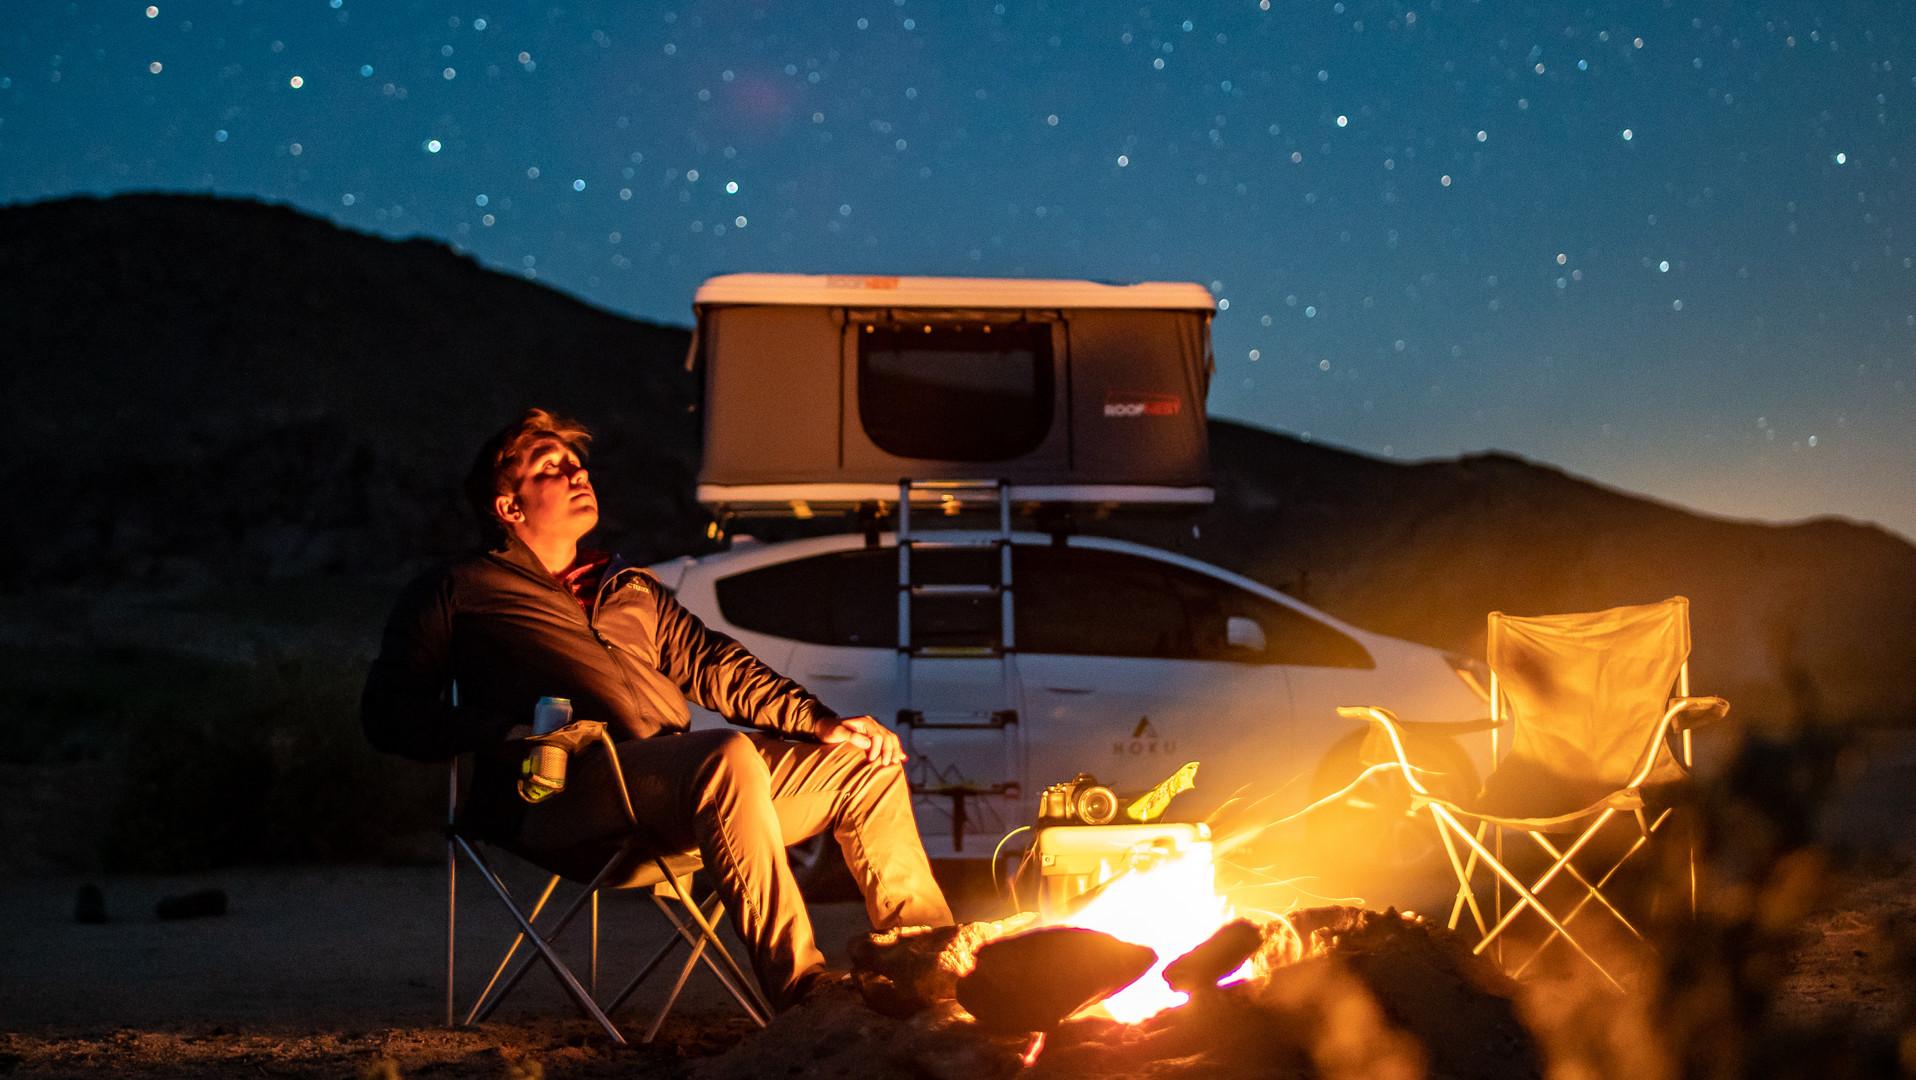 Hoku Campers